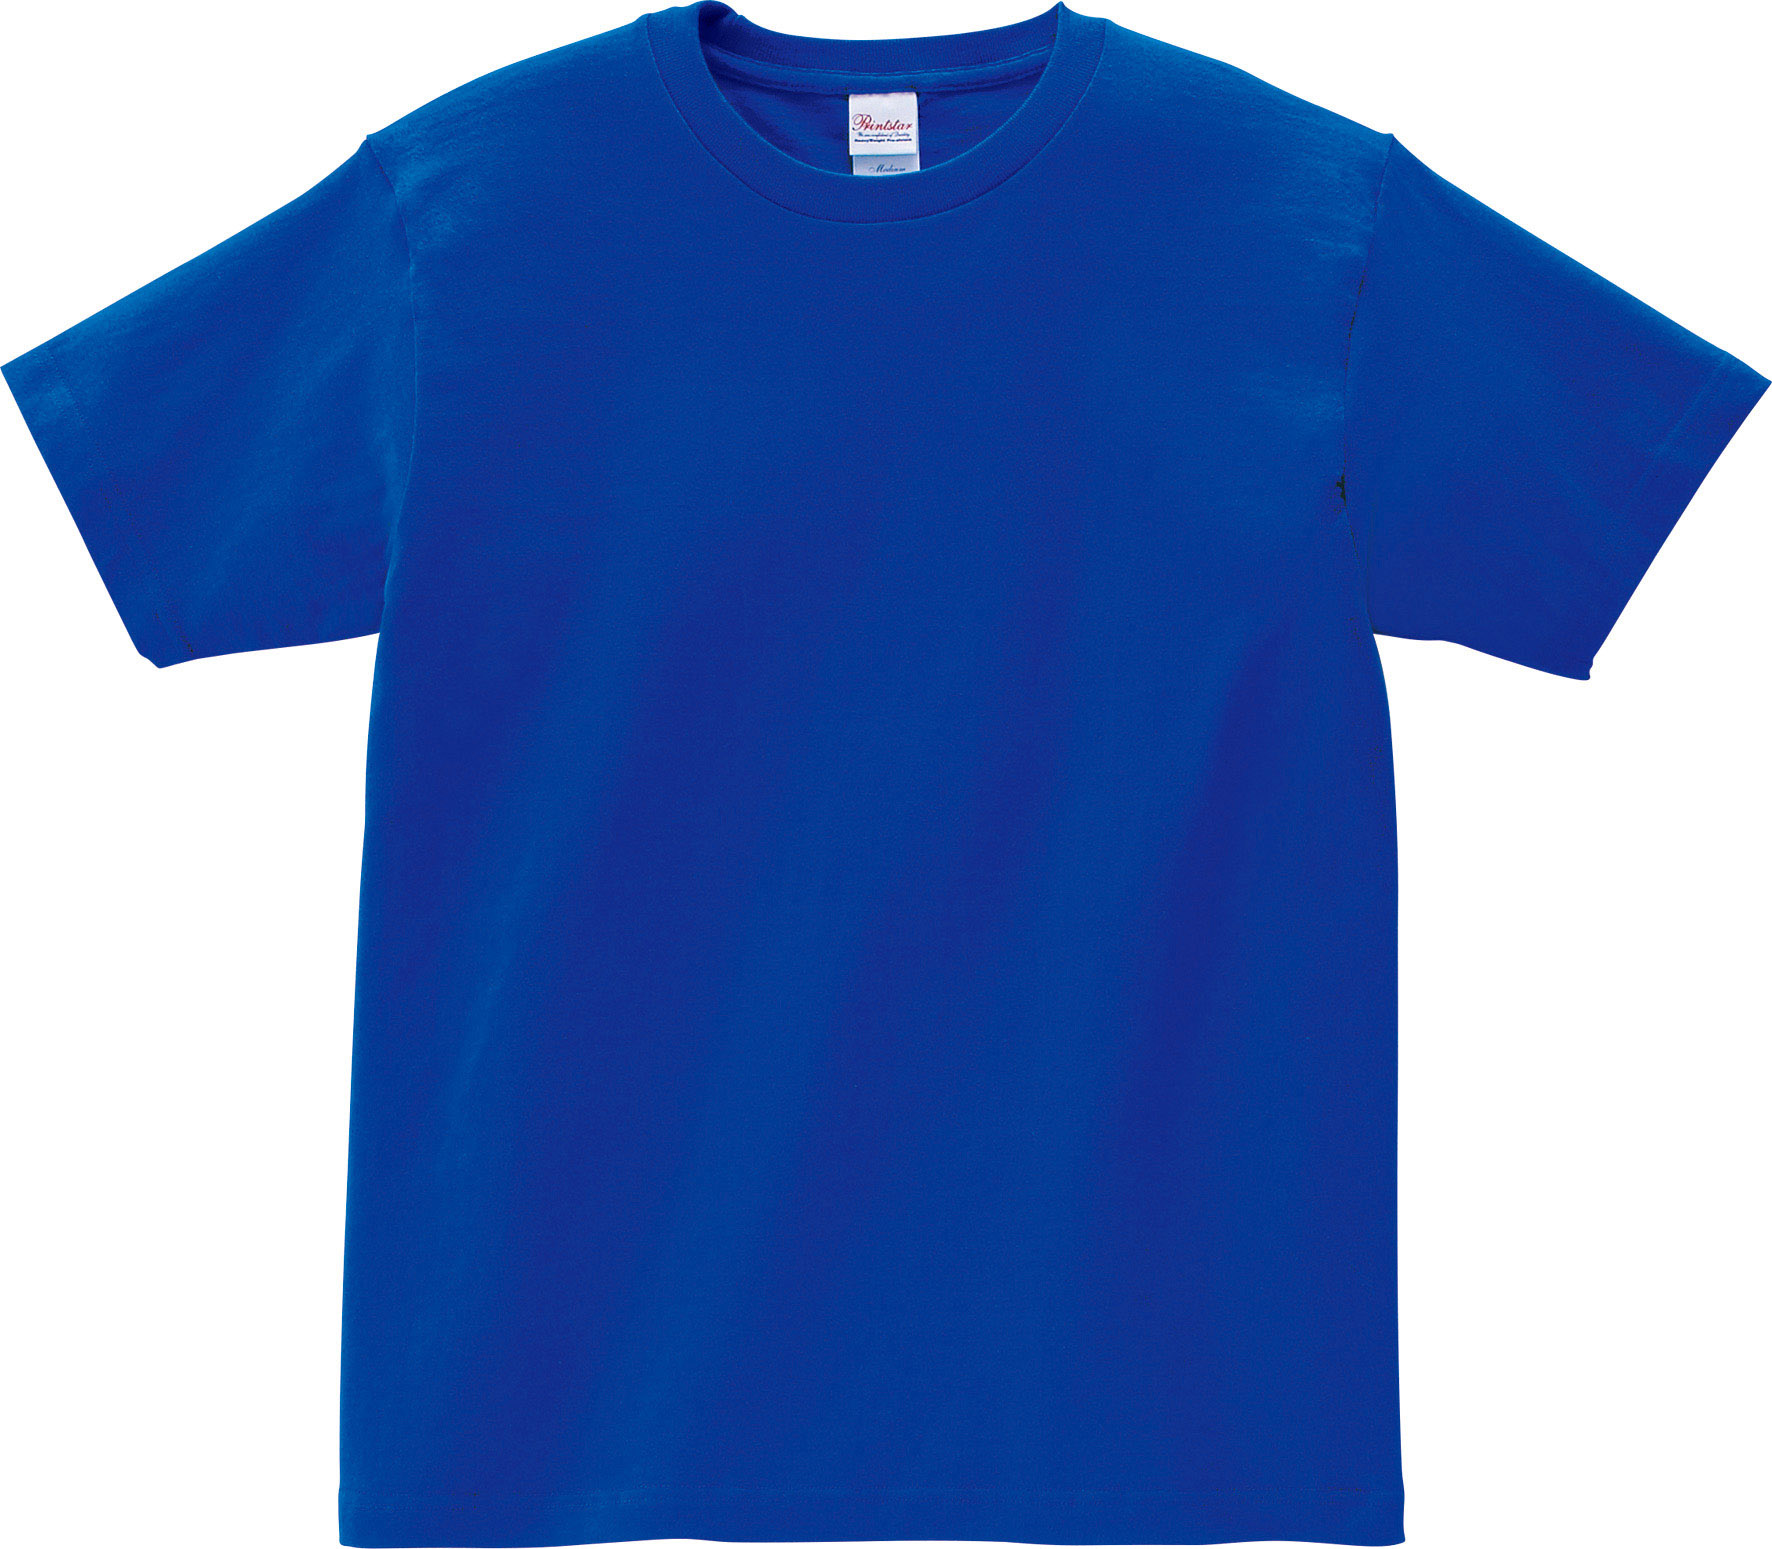 00085-CVT 5.6オンス・ヘビーウェイトTシャツ - 032-ロイヤルブルー, L